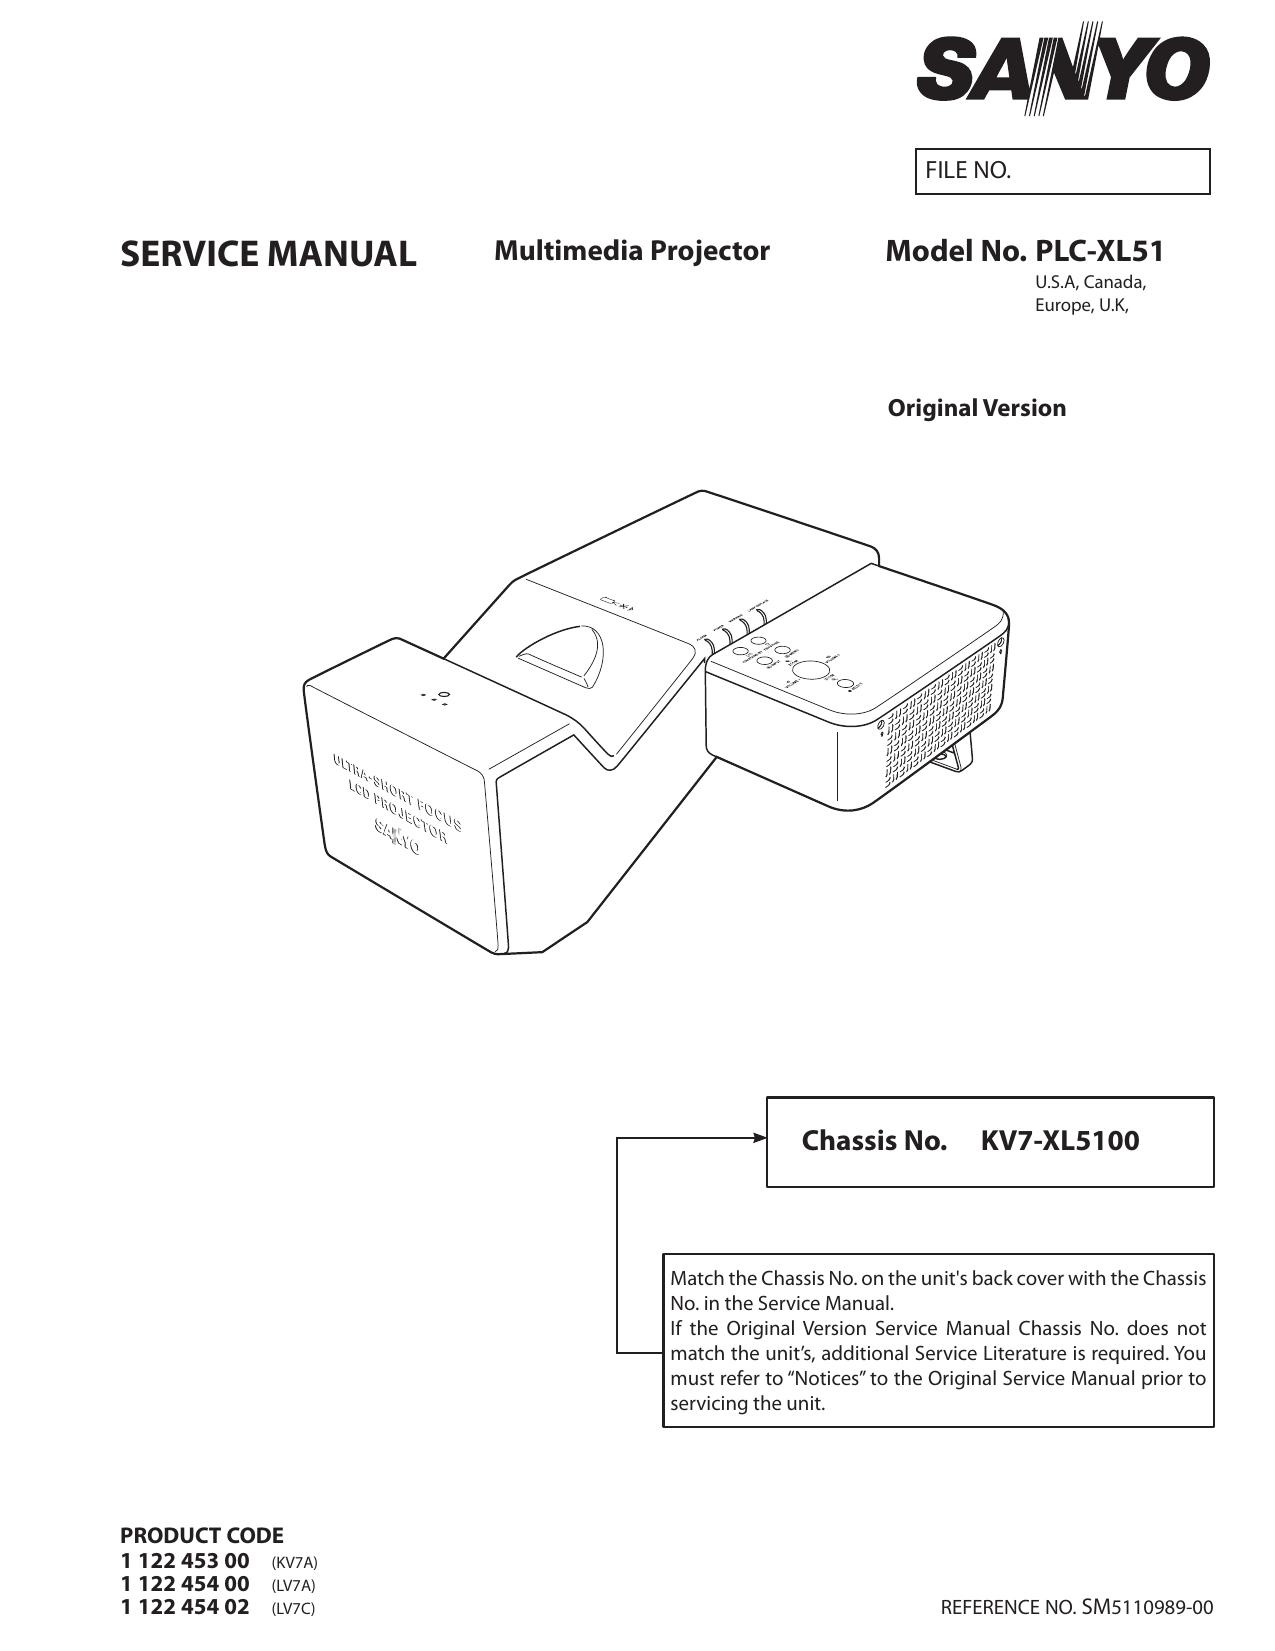 service manual manualzz com rh manualzz com